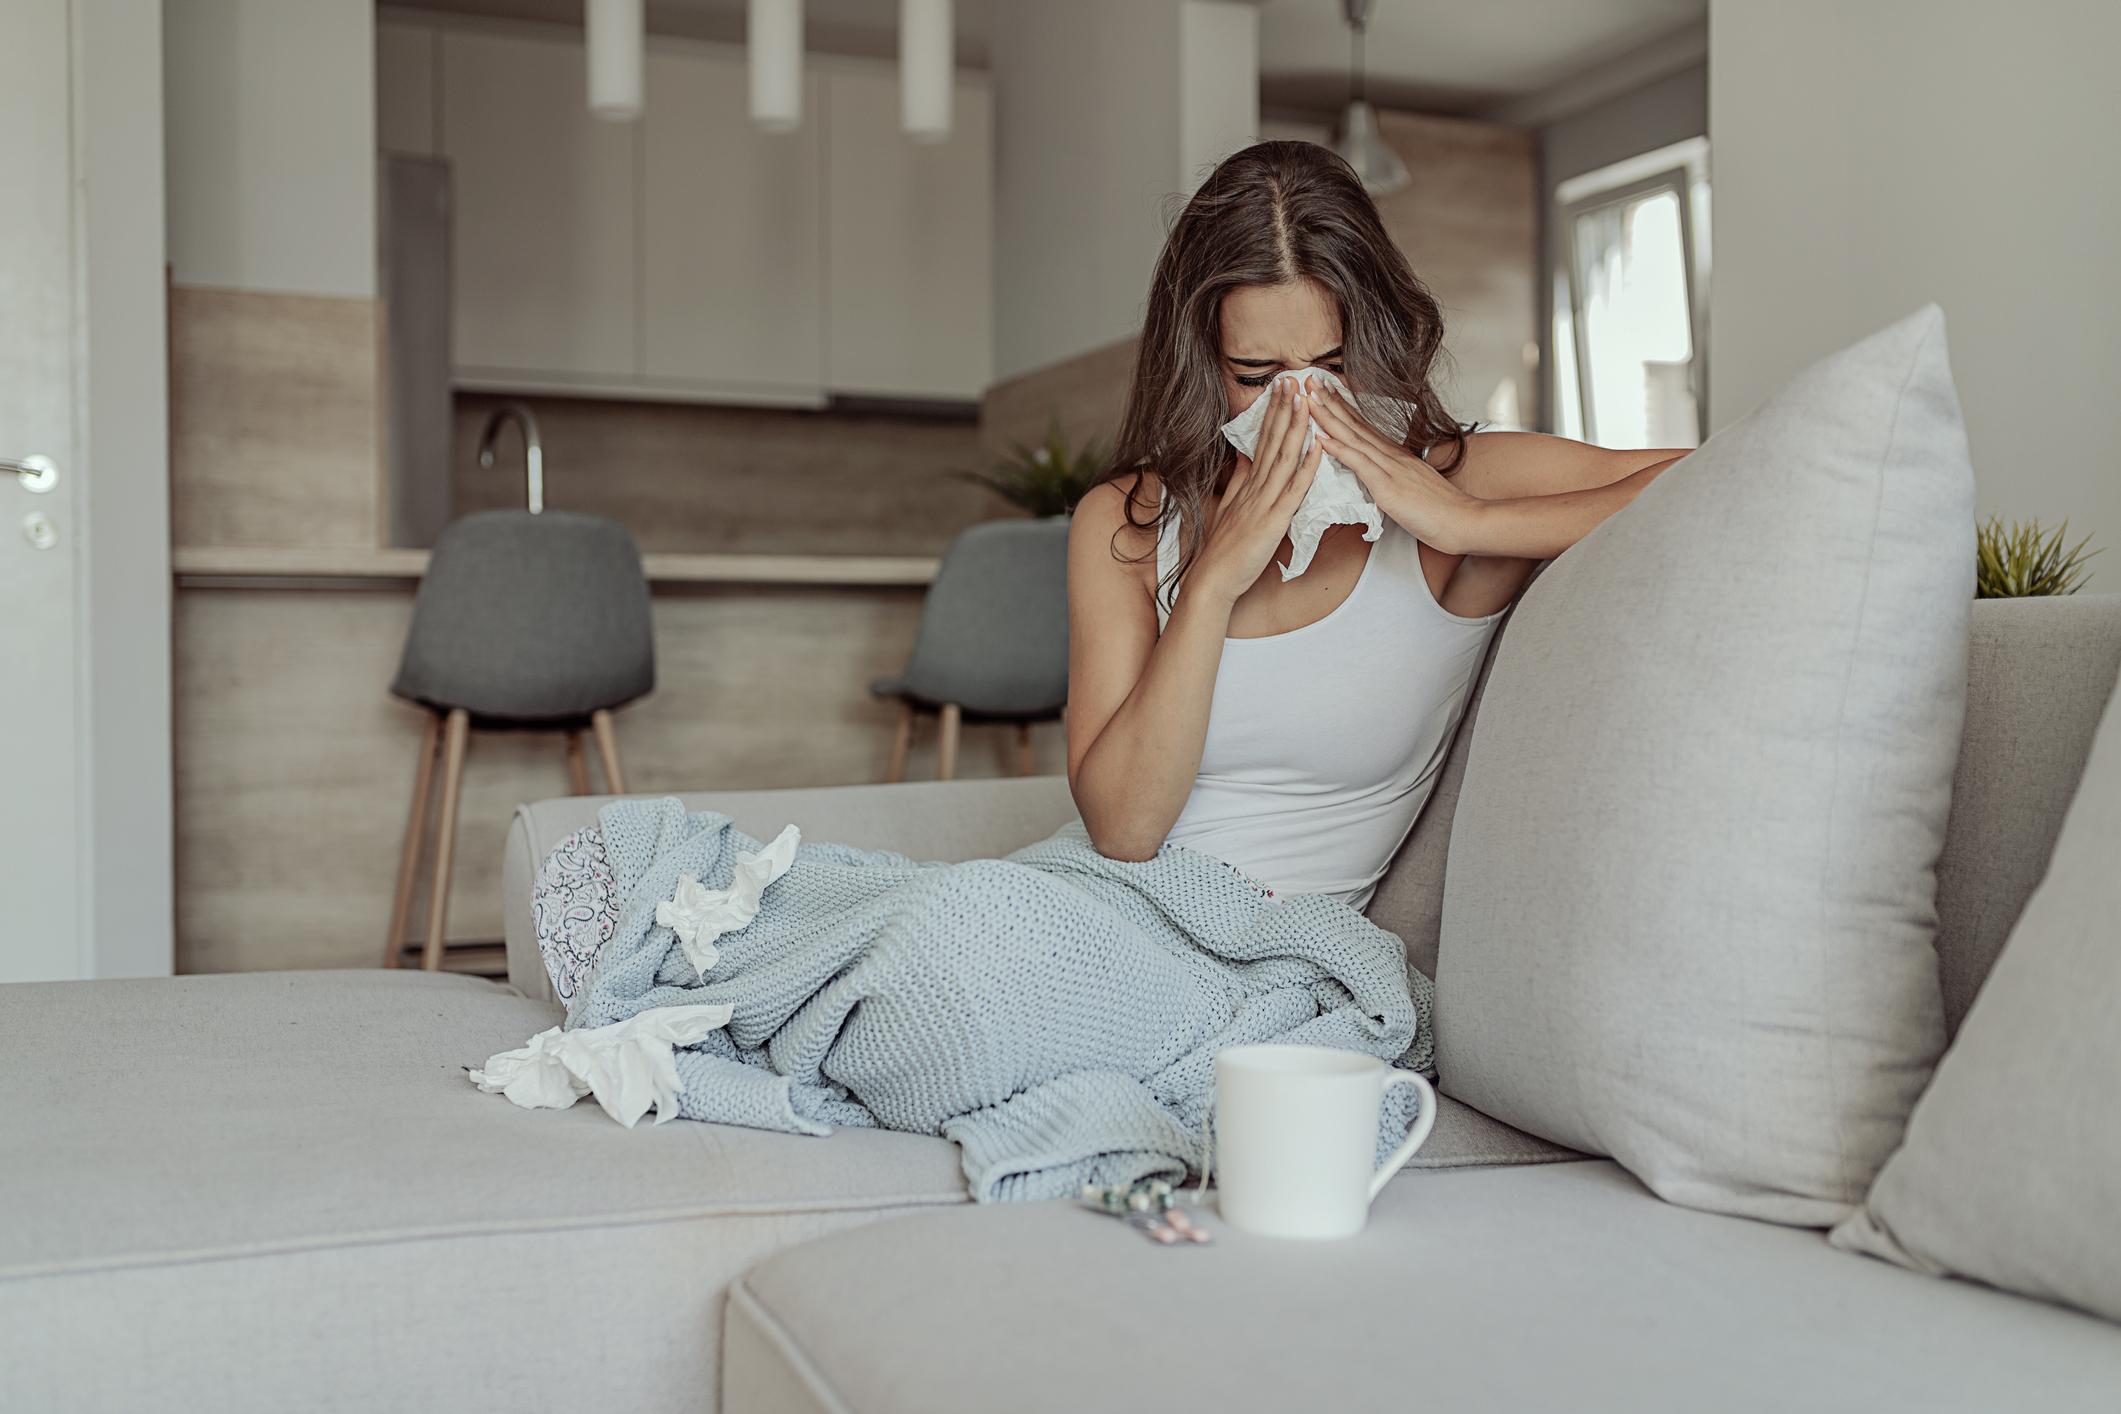 4 группы людей, которые наиболее подвержены гриппу